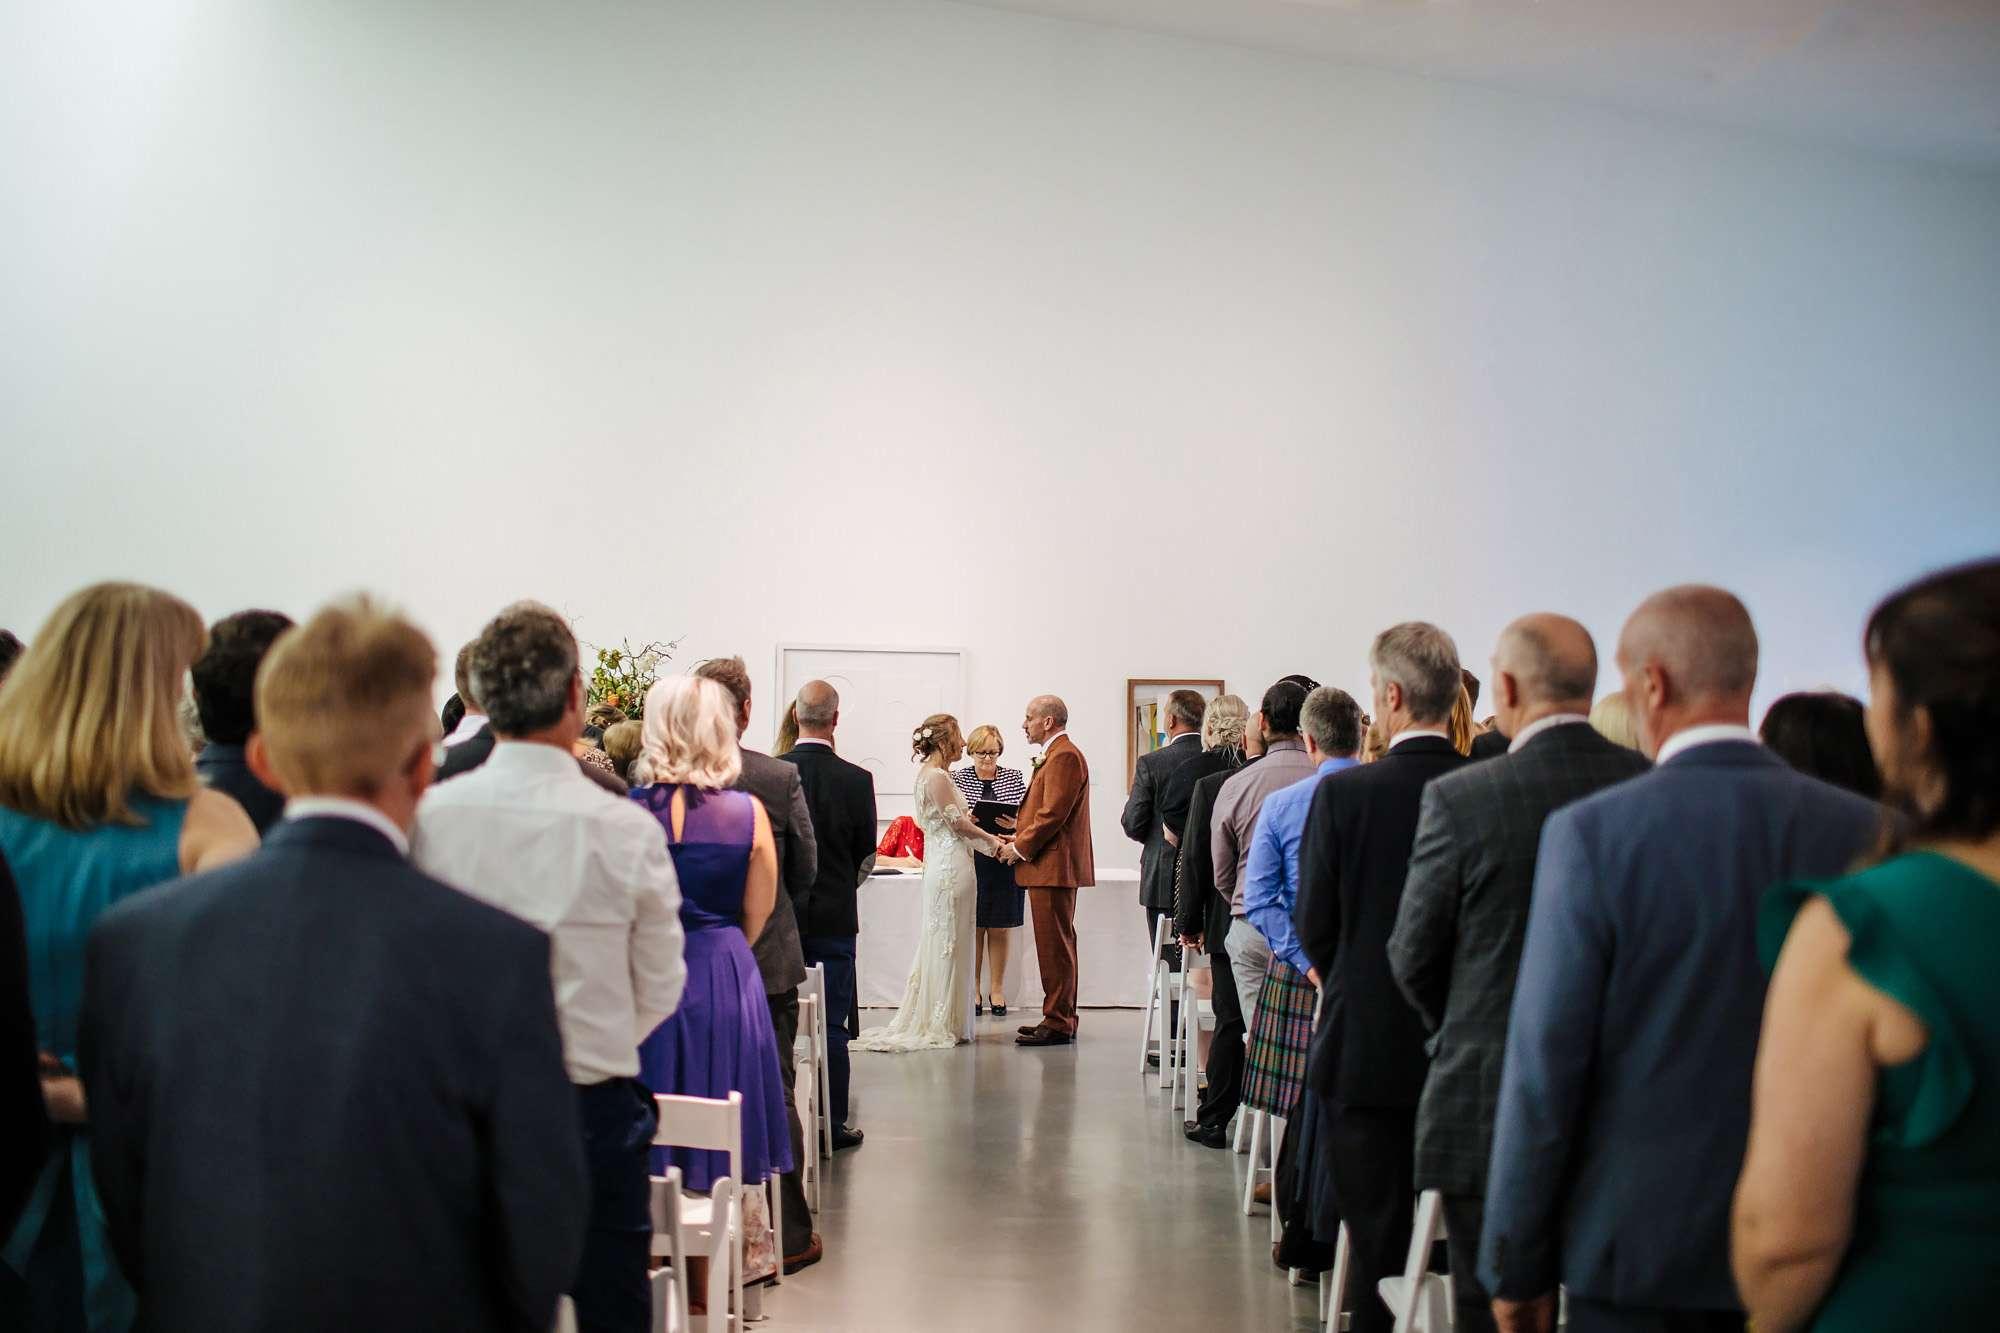 Bride and groom get married at Hepworth Art Gallery Wakefield